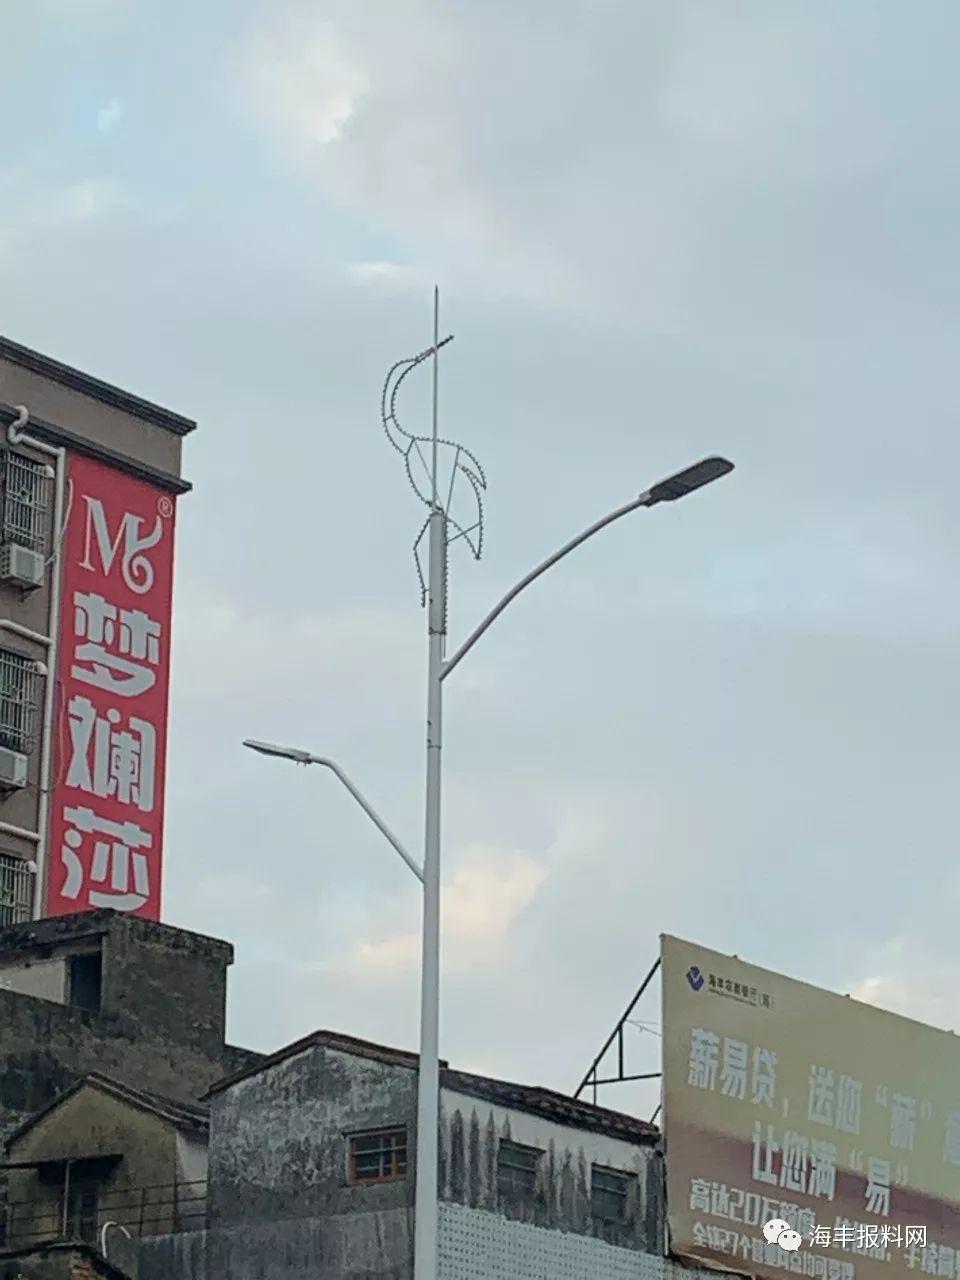 海丰县城二环路的路灯换新了 海丰新闻 第6张